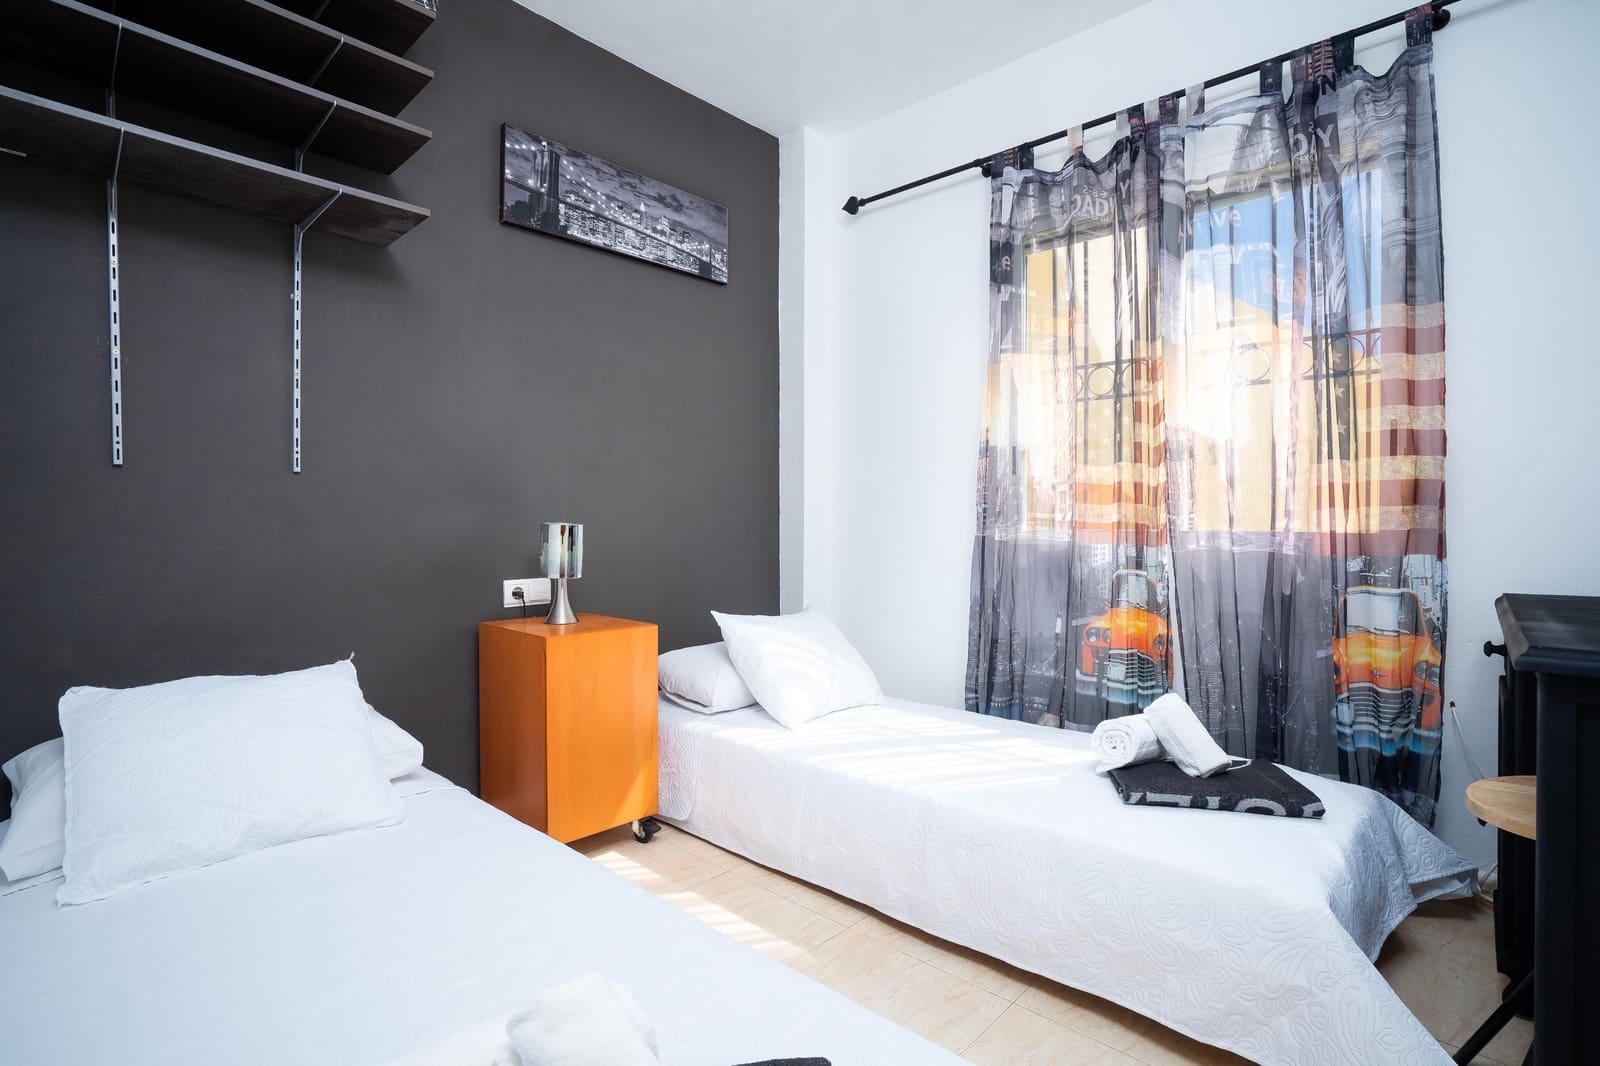 Casa de 3 habitaciones en El Vergel / Verger en alquiler vacacional con garaje - 305 € (Ref: 4822316)